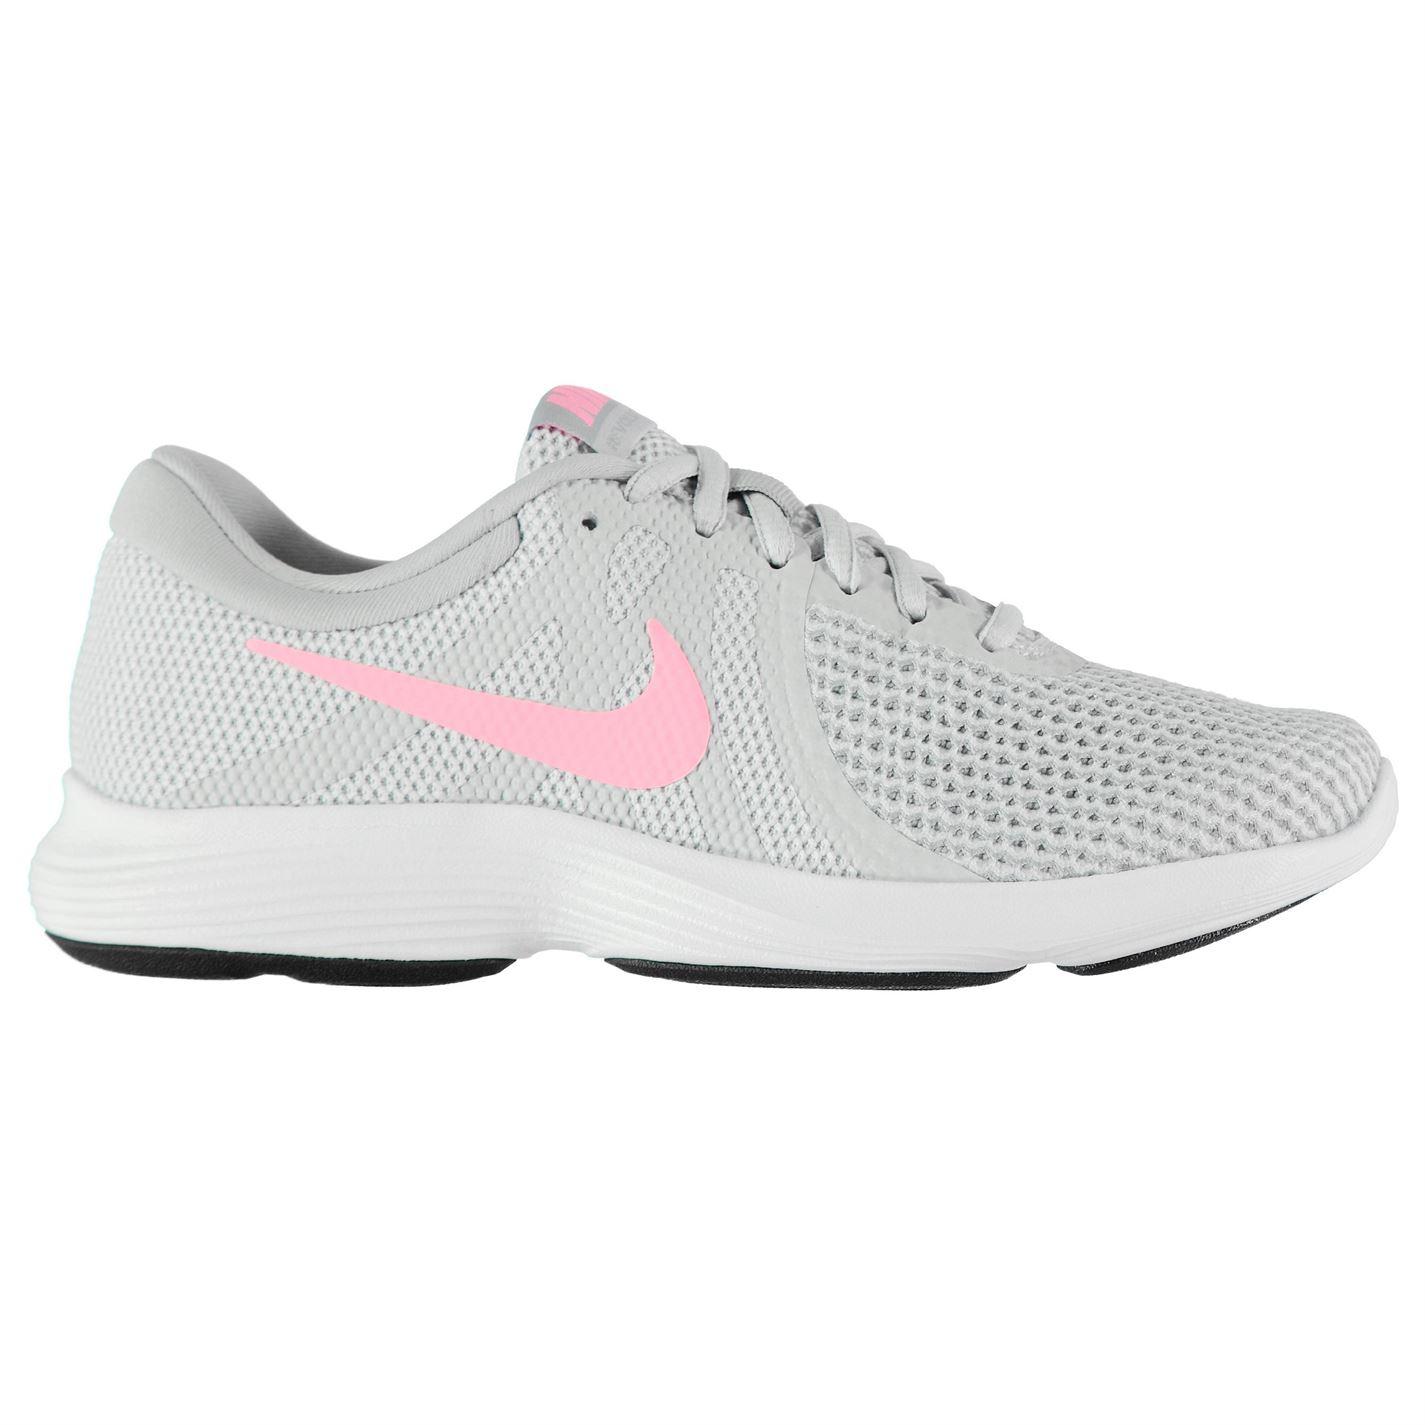 boty Nike Revolution 4 Ld00 Platinum Pink - Glami.cz 7307658f35